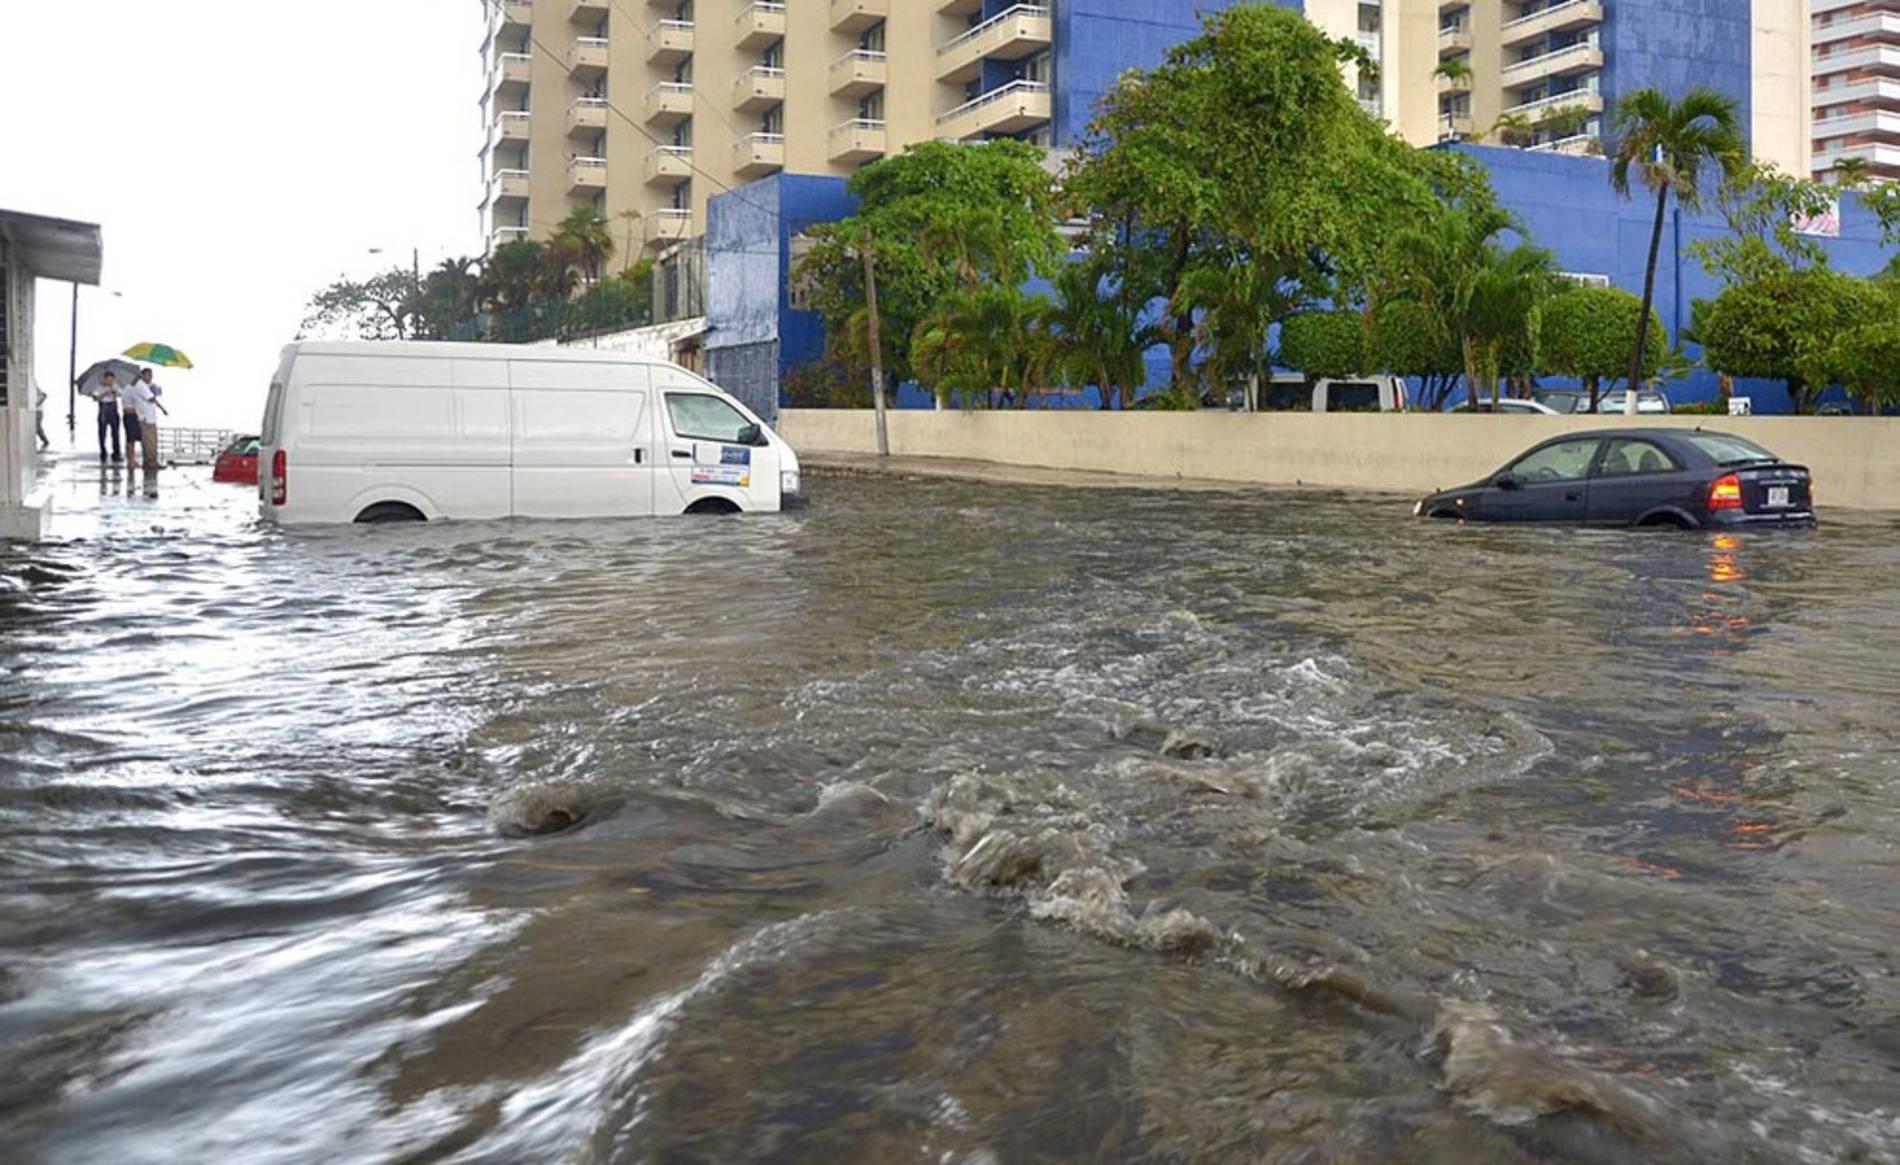 """El ciclón """"Bárbara"""" pasa por México (1/7) - El ciclón 'Bárbara' se convirtió en tormenta tropical después de haber tocado tierra como huracán en el sur de México, pese a lo cual causó dos muertos en el estado sureño de Oaxaca. - Internacional -"""